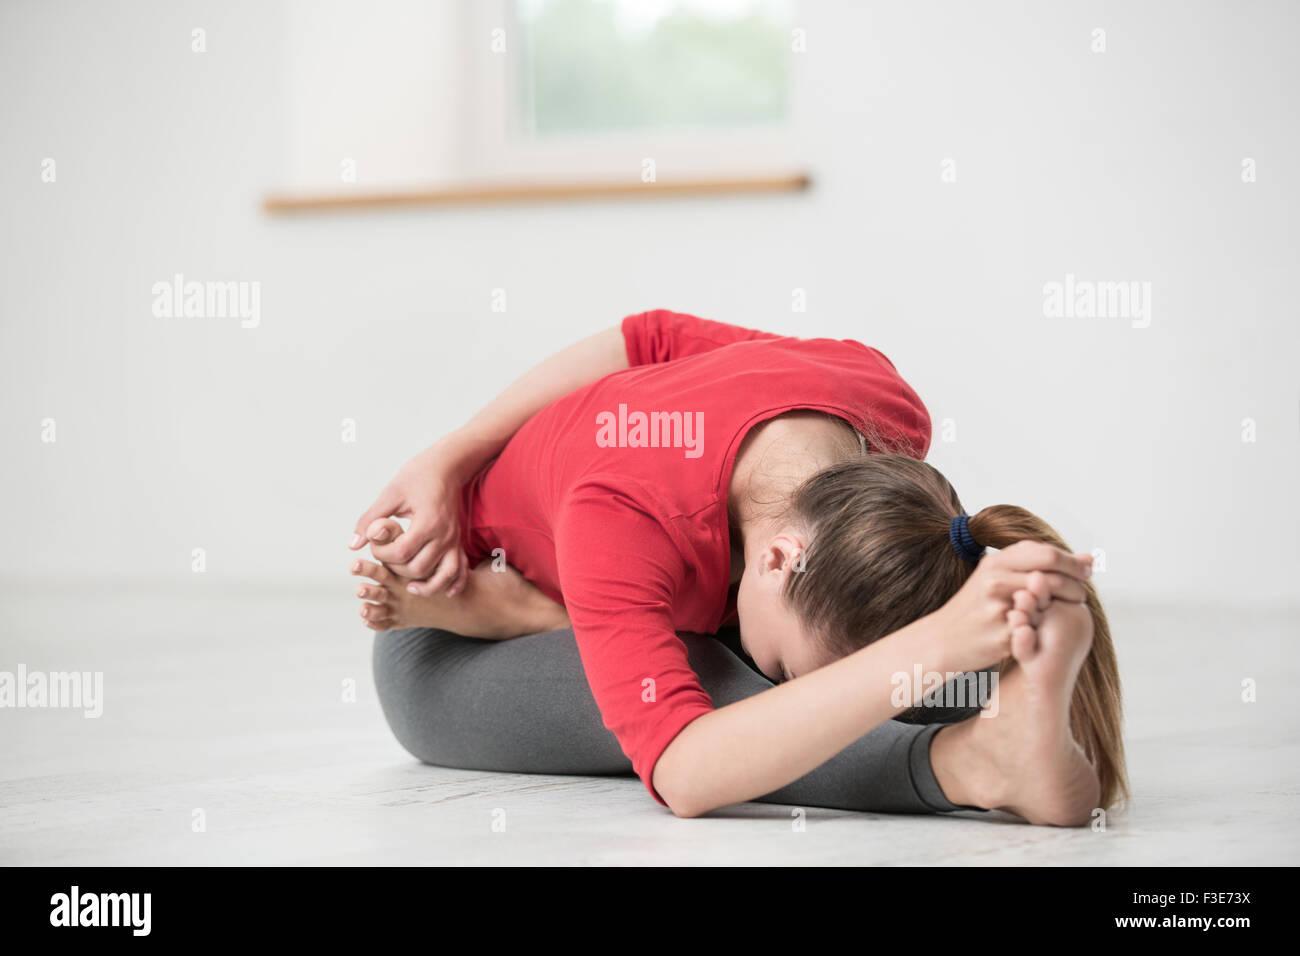 Ritratto di una giovane donna di fare esercizi di stretching in palestra Immagini Stock